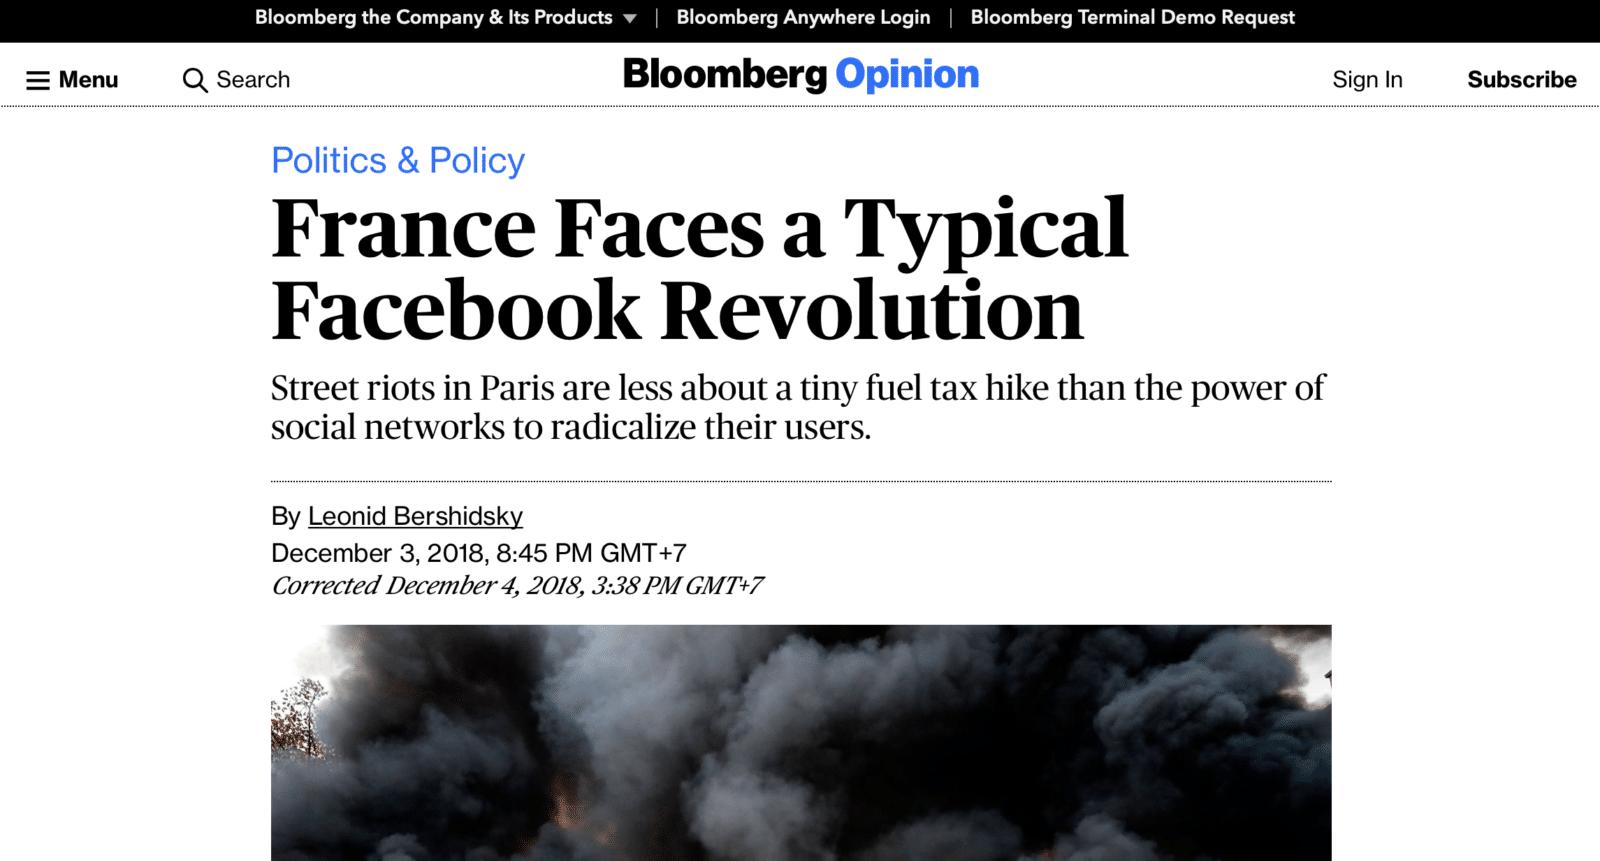 """Facebook ทำให้เกิดการชุมนุม """"เสื้อกั๊กเหลือง"""" ในฝรั่งเศสได้อย่างไร"""